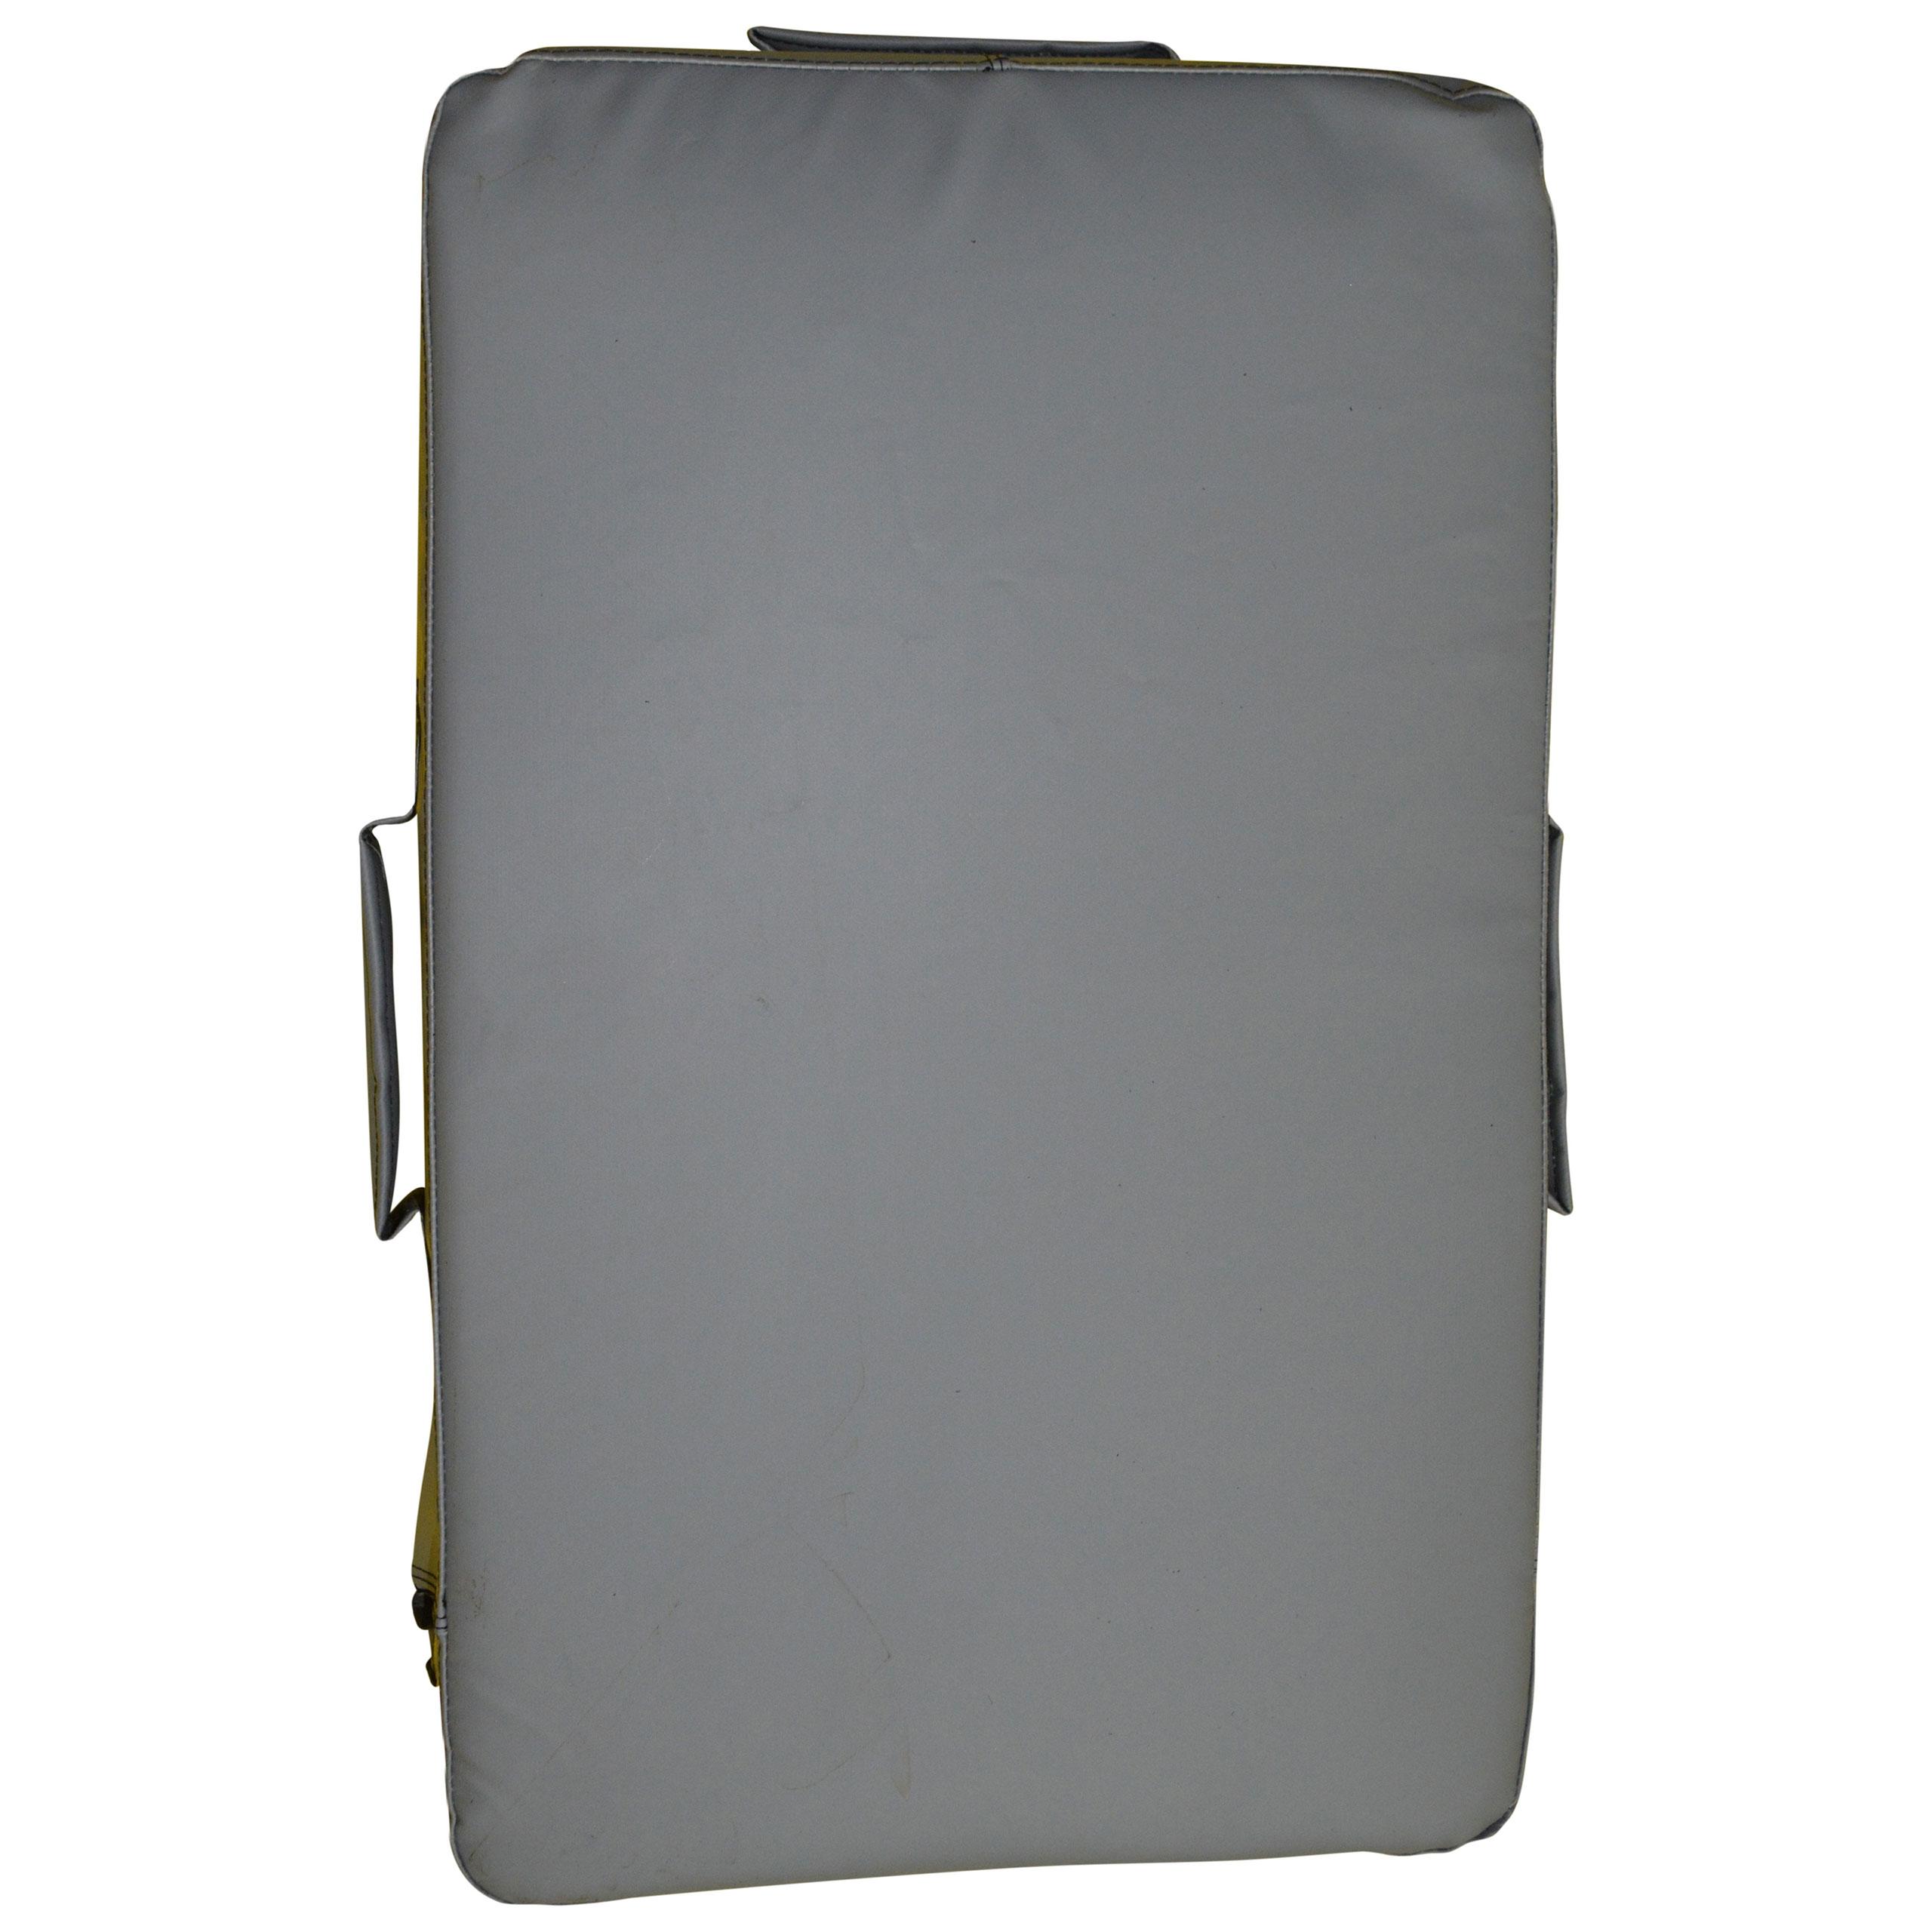 Прямоугольная макивара серого цвета, выполненная из тента (вид спереди).